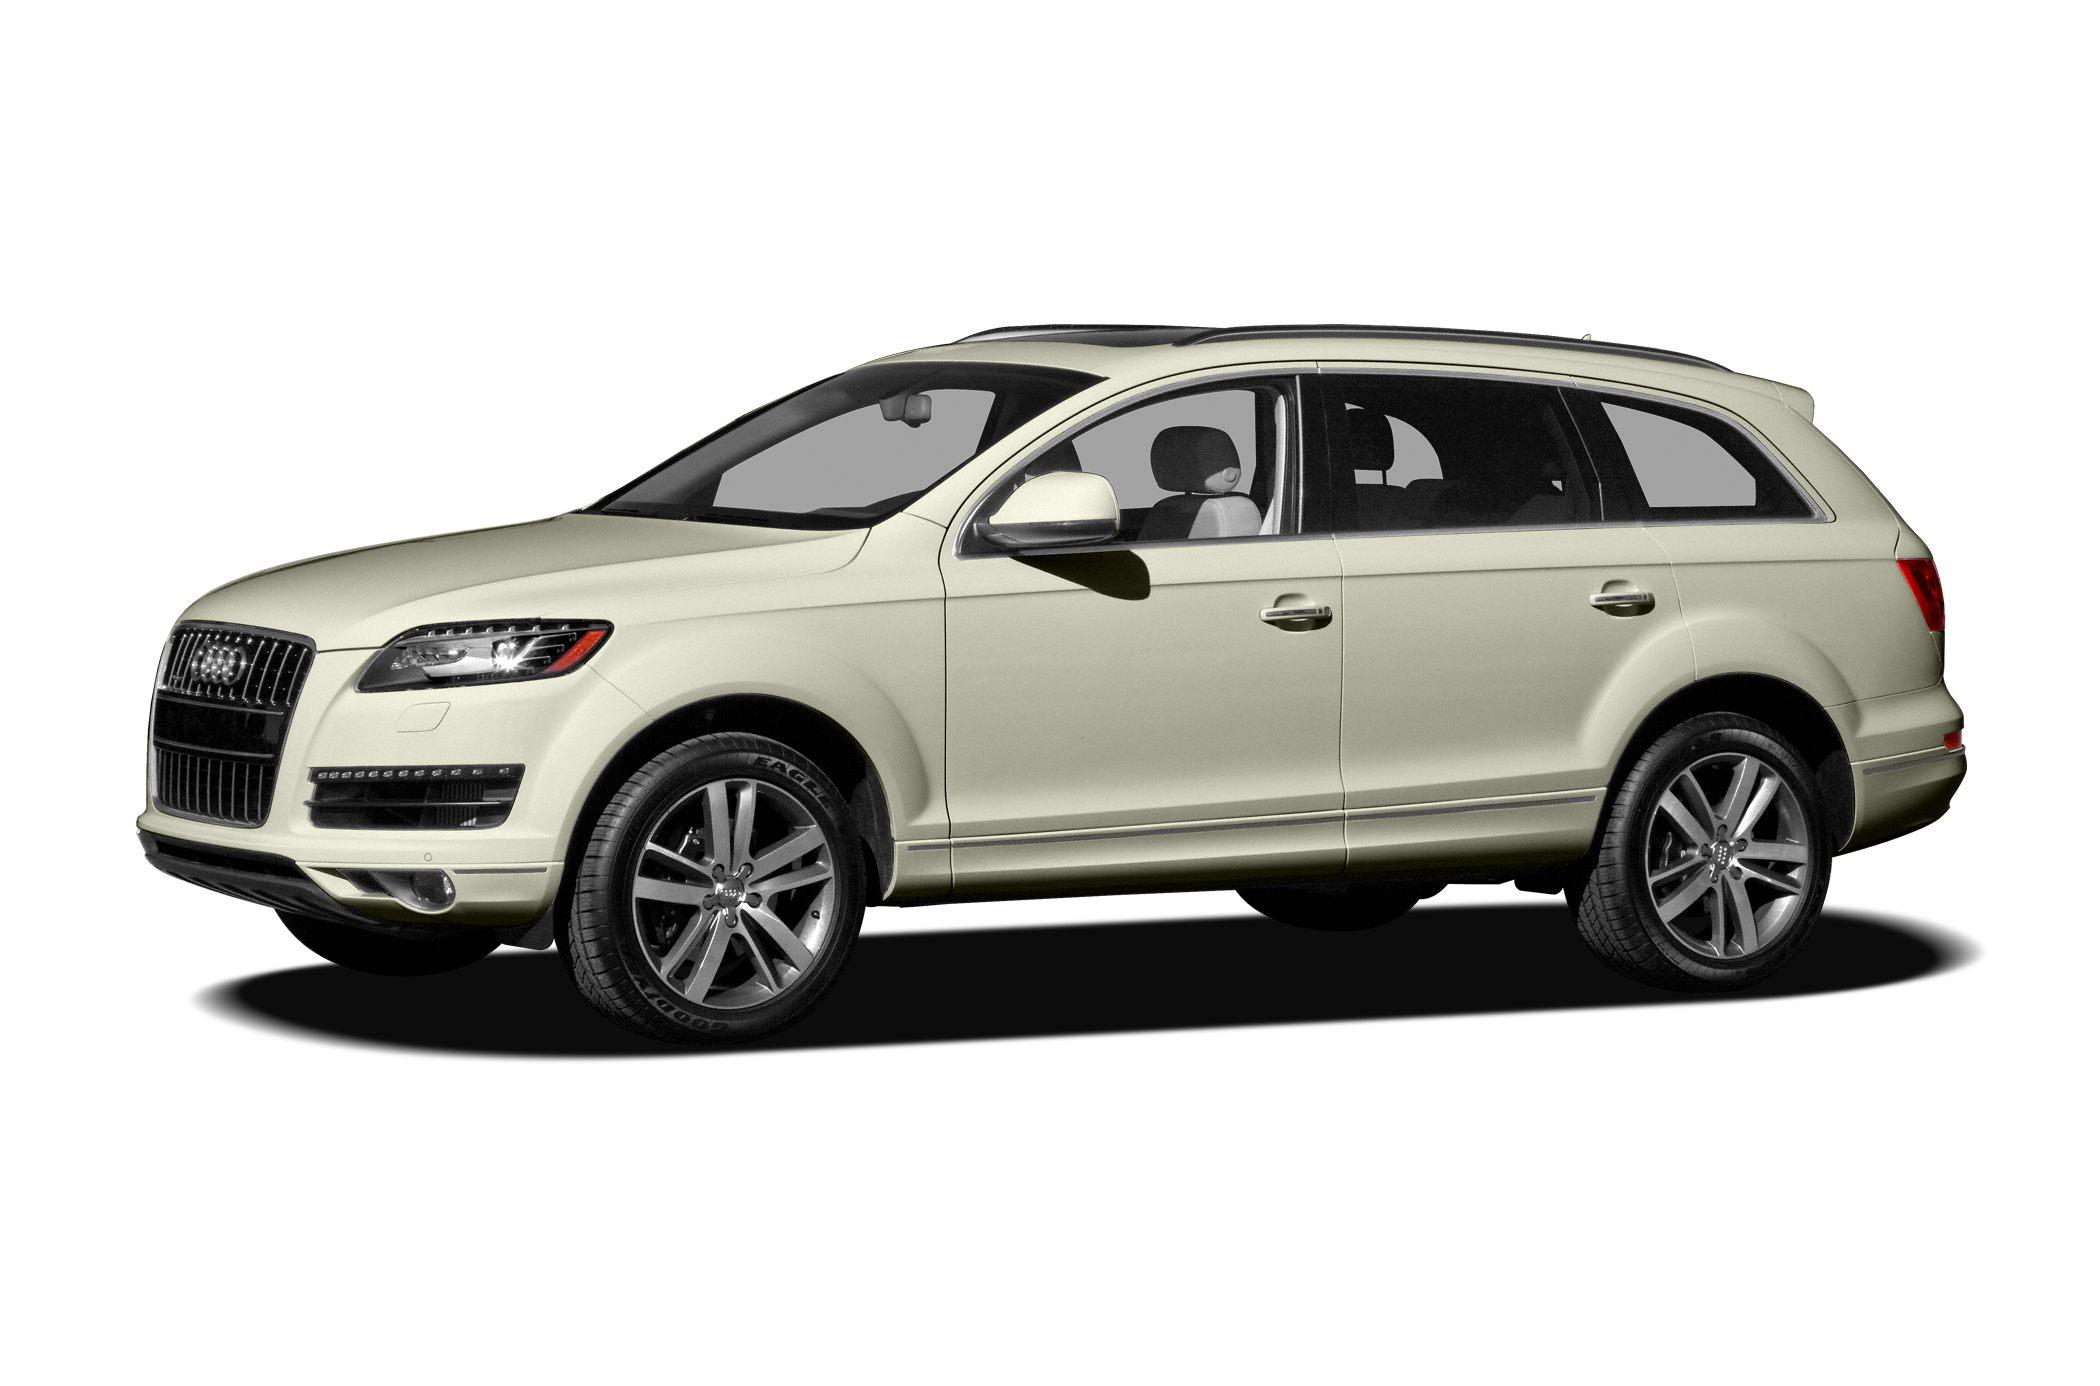 2010 Audi Q7 36 quattro Premium Miles 63322Color Gray Stock 006742 VIN WA1LYAFE2AD006742